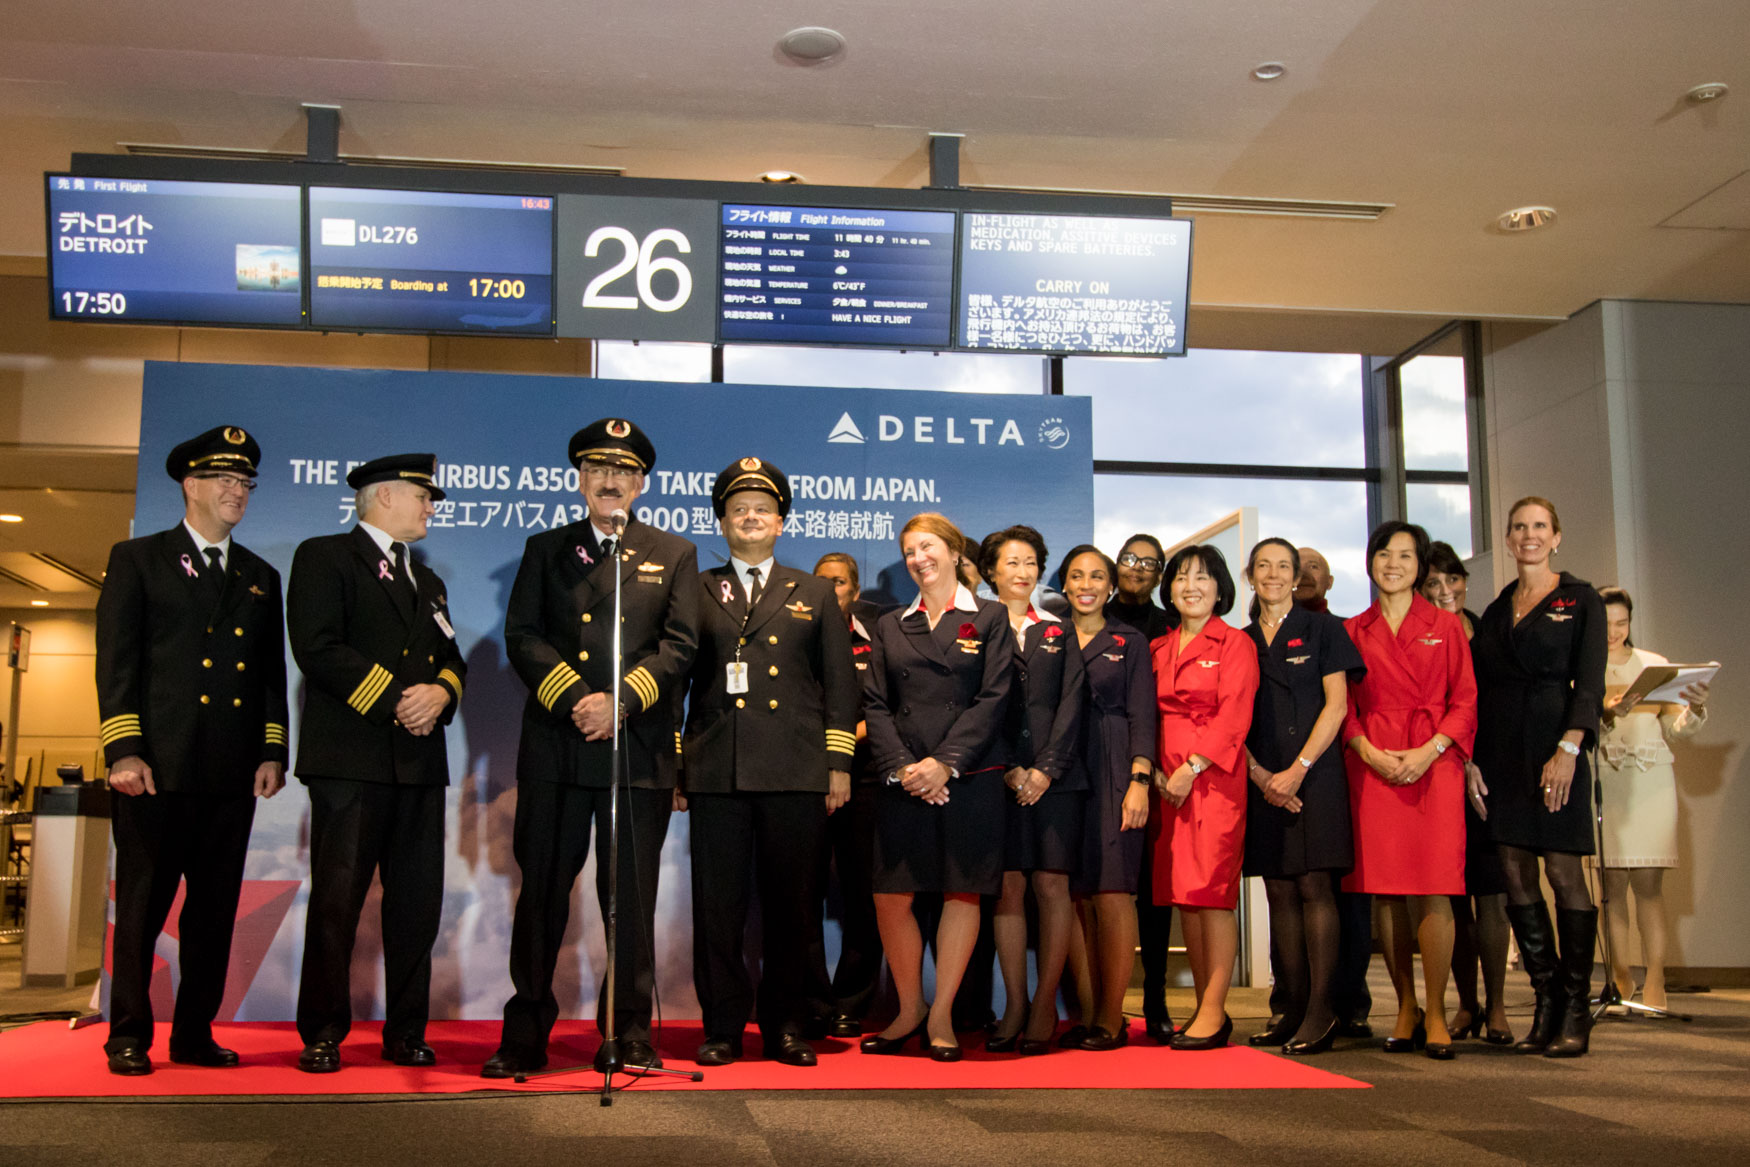 Delta Air Lines A350 Crew